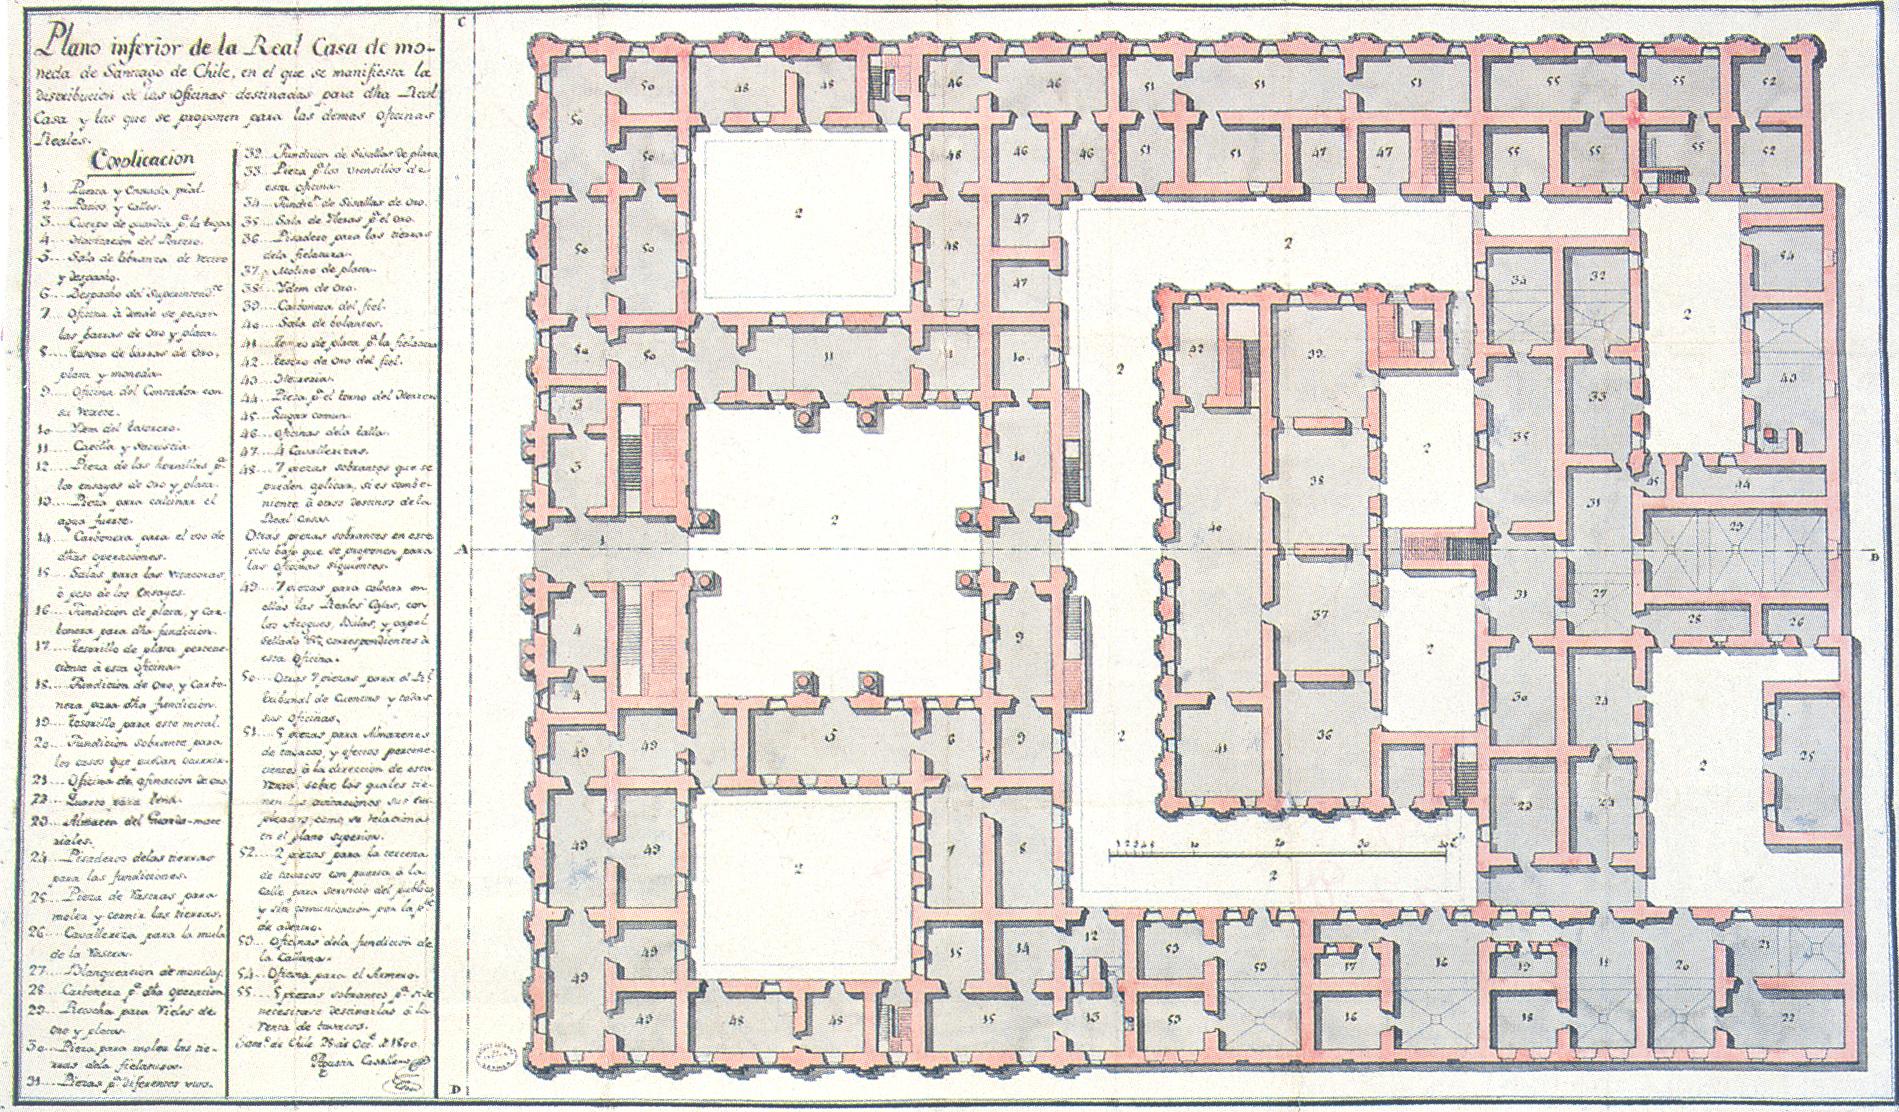 File plano inferior de la real casa de moneda - Plano de casa ...